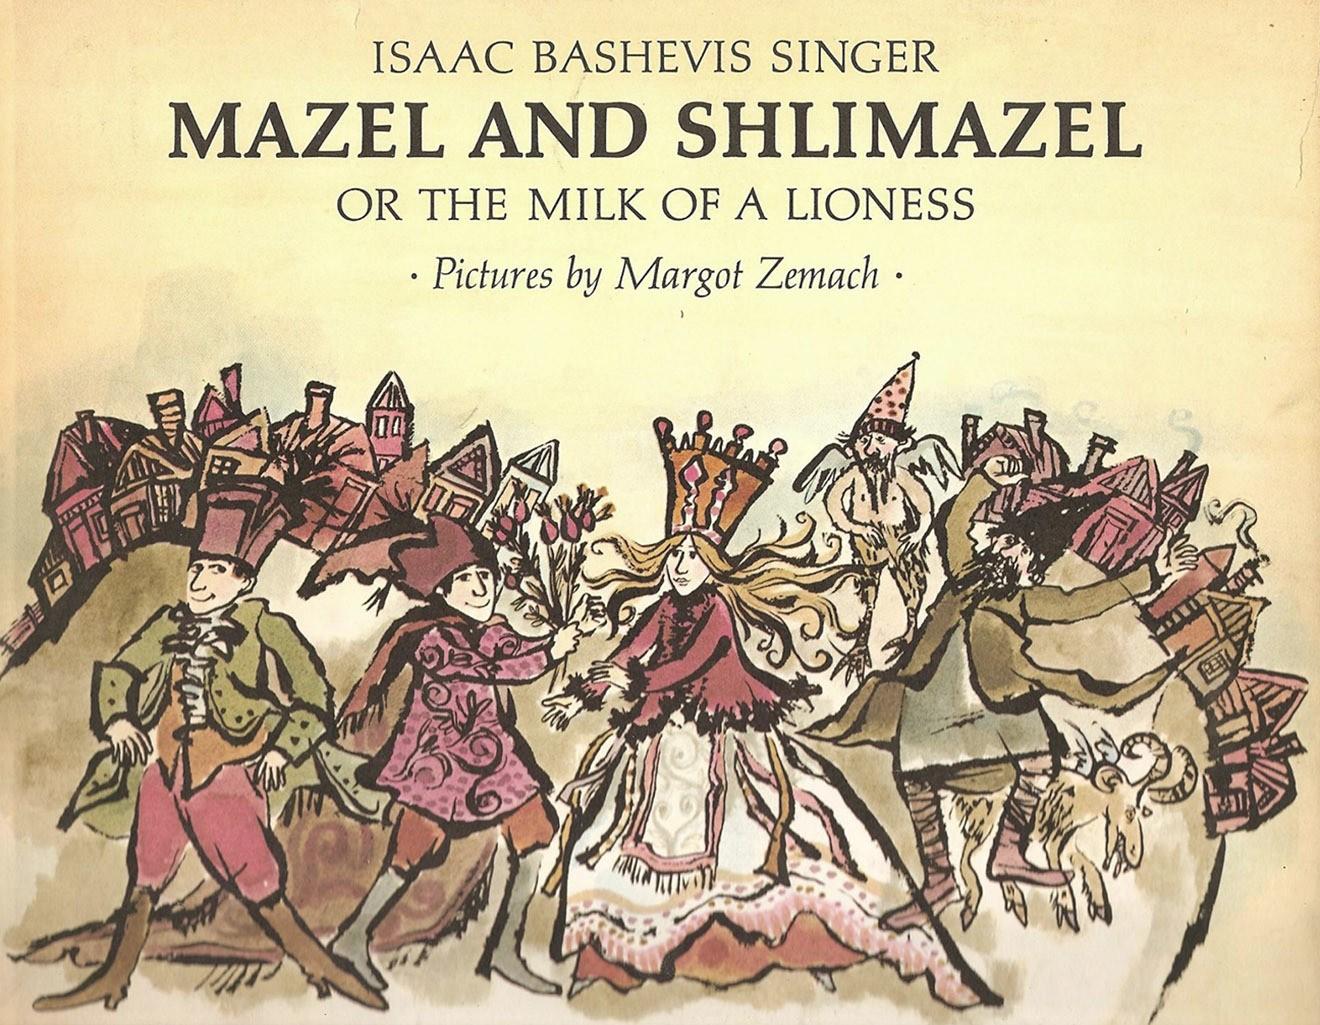 Обложка первого издания детской книги Исаака Башевиса Зингера «Мазл и Шлимазл, или Молоко львицы». 1967 год  © Farrar Straus & Giroux